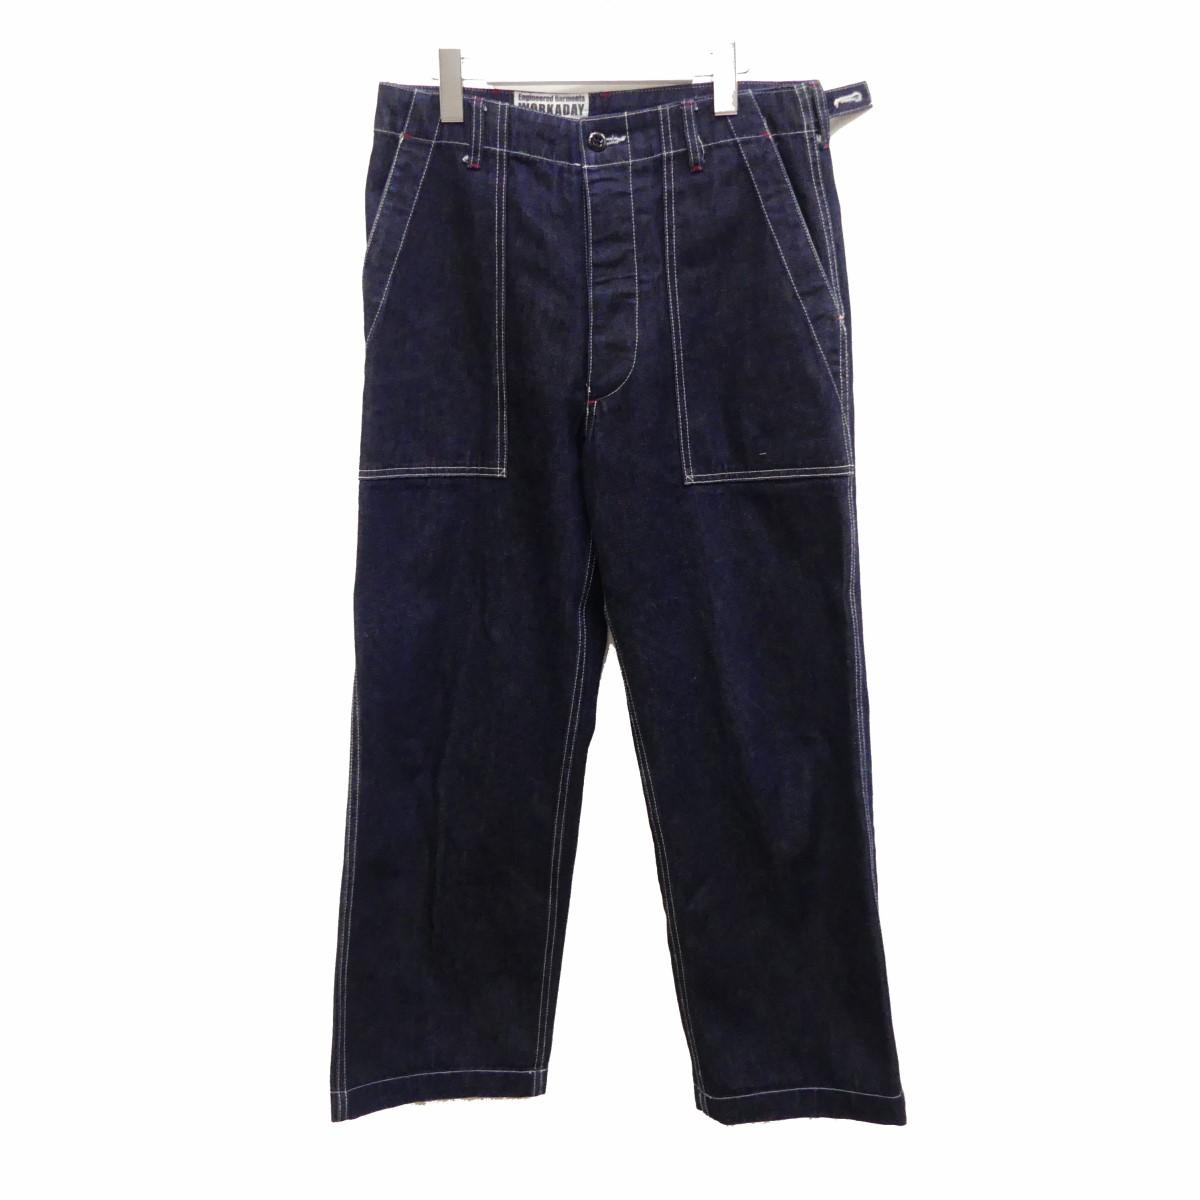 【中古】Engineered Garments Workaday Indigo Heavy Denim Fatigue Pant ファティーグパンツ インディゴ サイズ:XS 【030820】(エンジニアードガーメンツ)